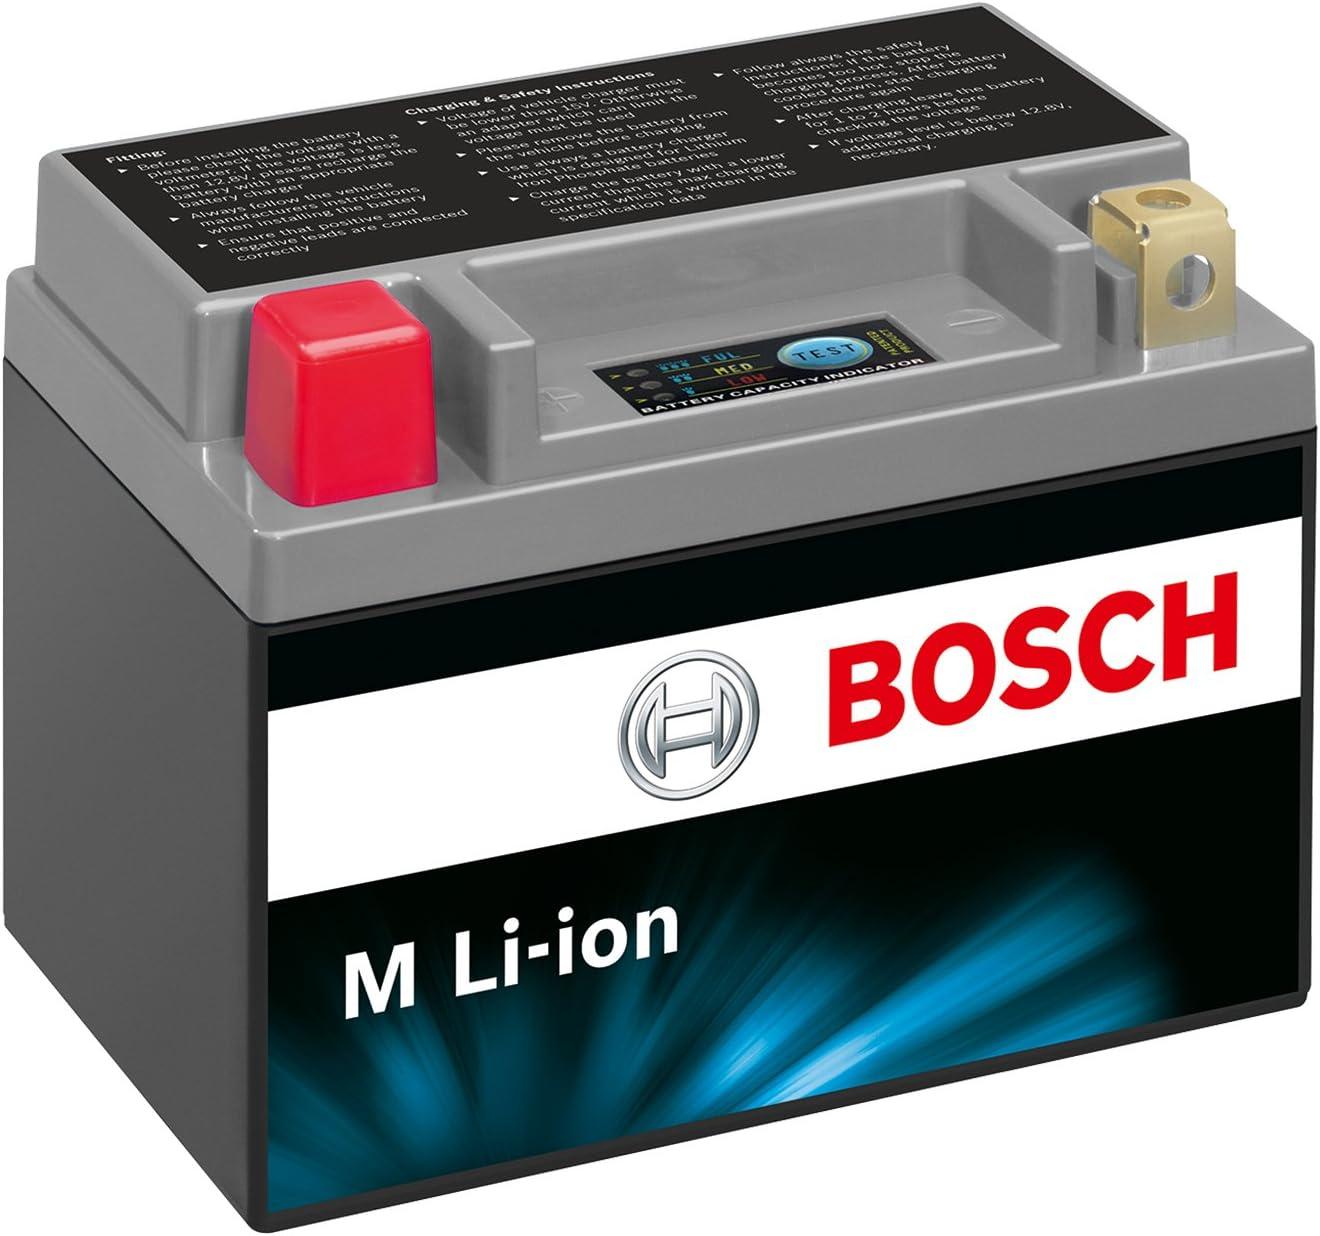 Bosch 0986122608 Motorradbatterie Li Ion Ltx9 Bs 3ah 180a Auto